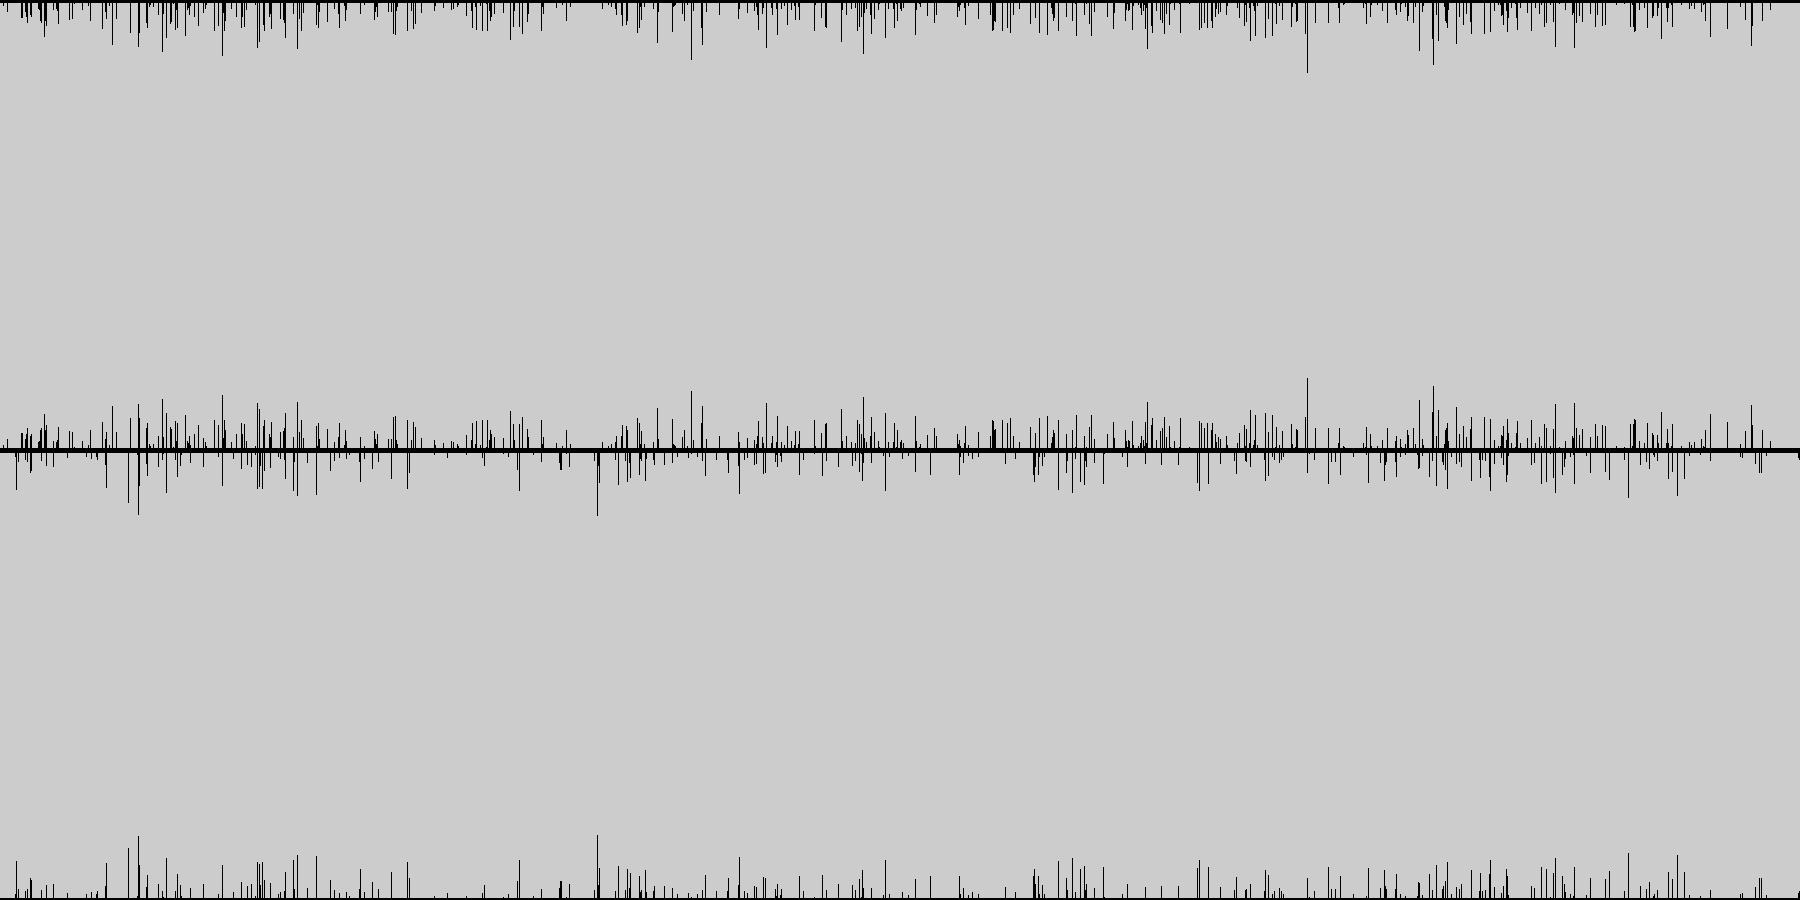 ゲーム トランス 01v和風の未再生の波形